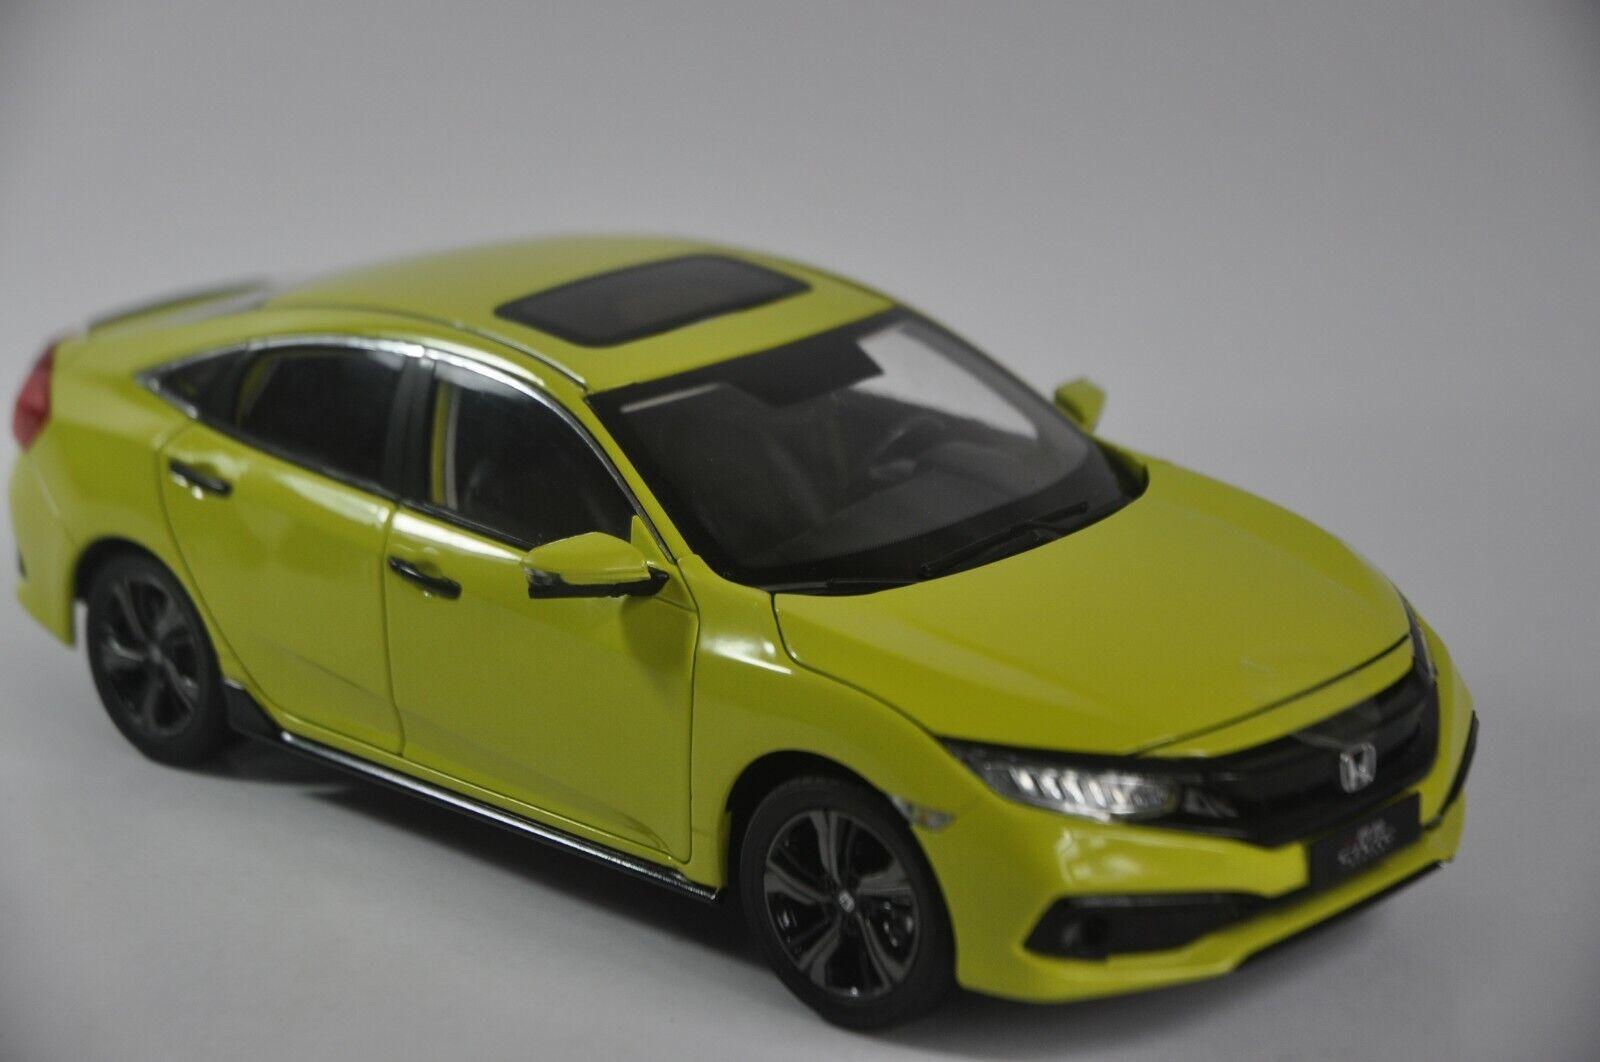 Honda Civic 2019 coche modelo en escala 1 18 giallo